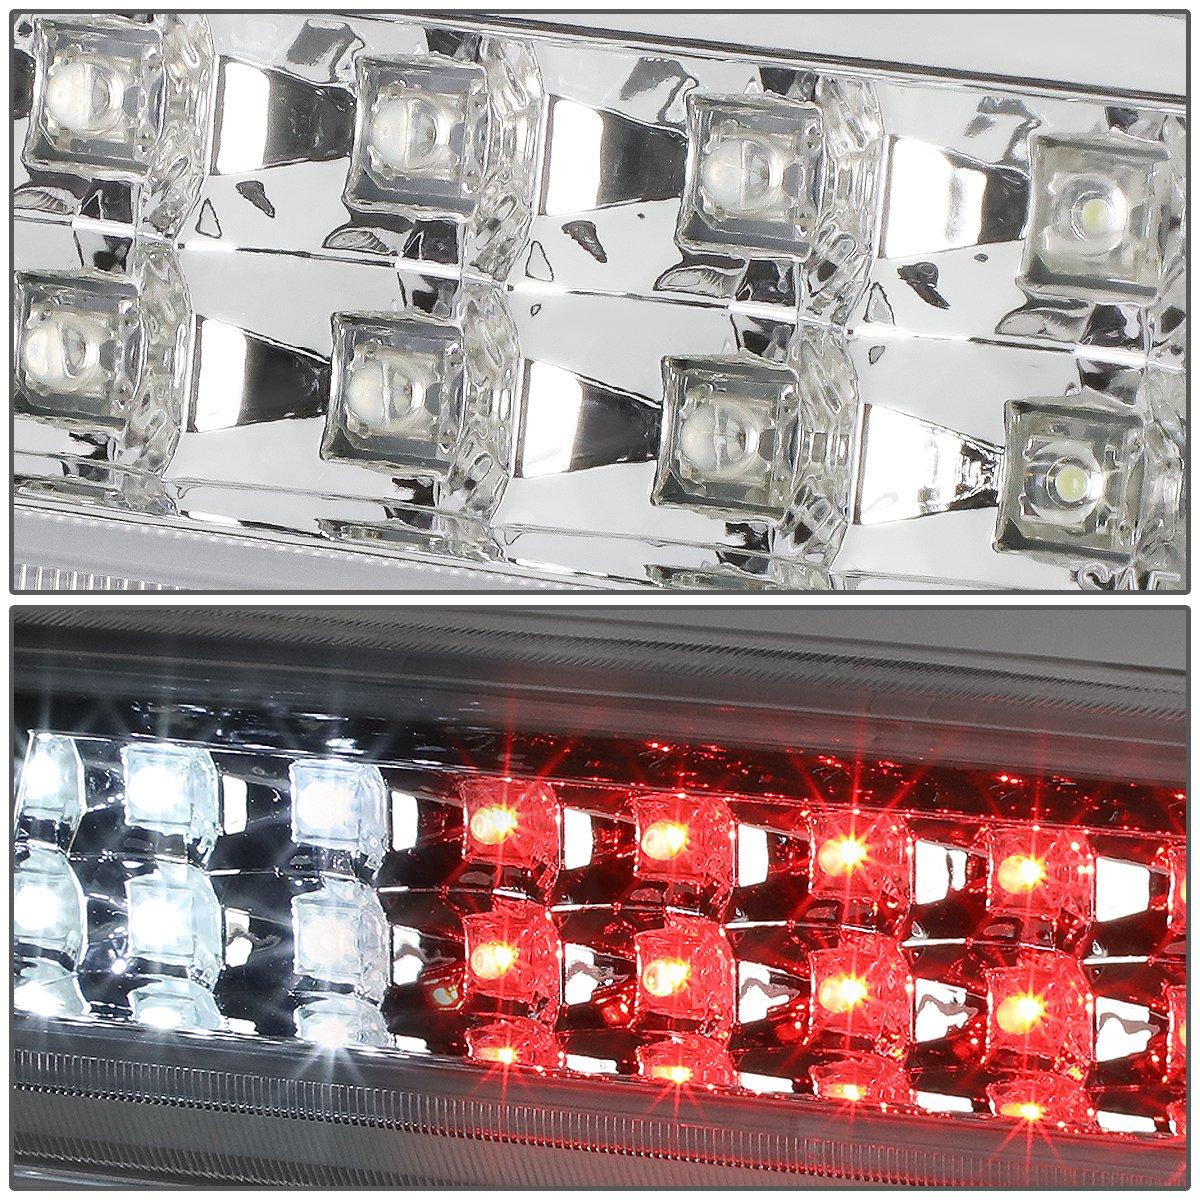 DNA Motoring 3BL-F15012-LED-CH LED Third Brake Light